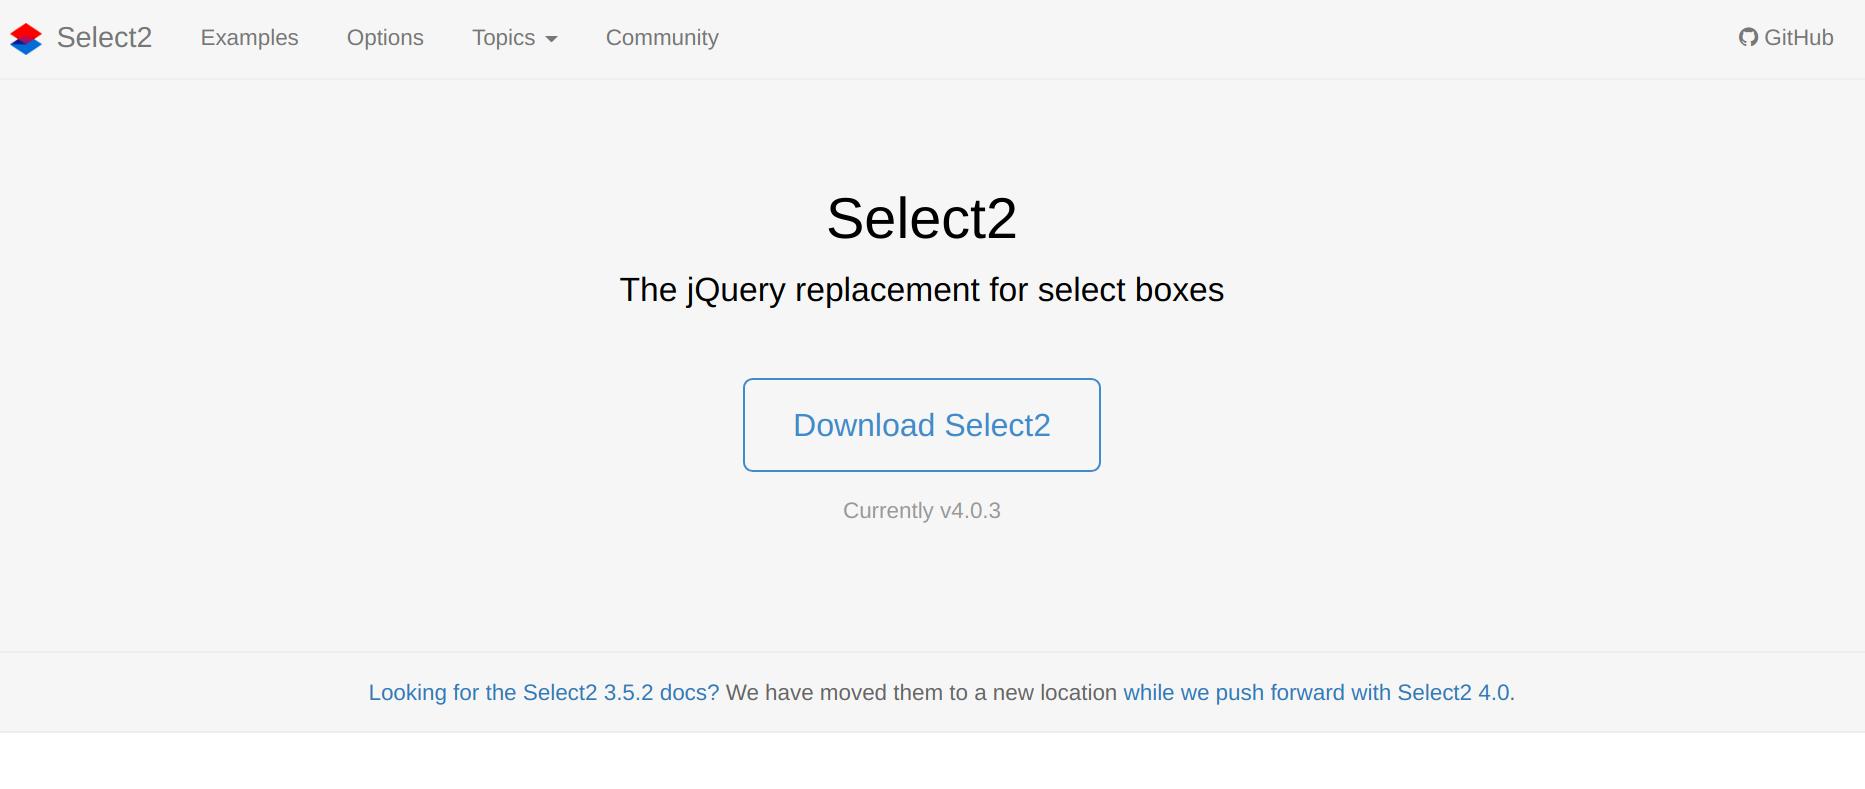 Membuat Dropdown Select2 dengan Request Ajax dan Php